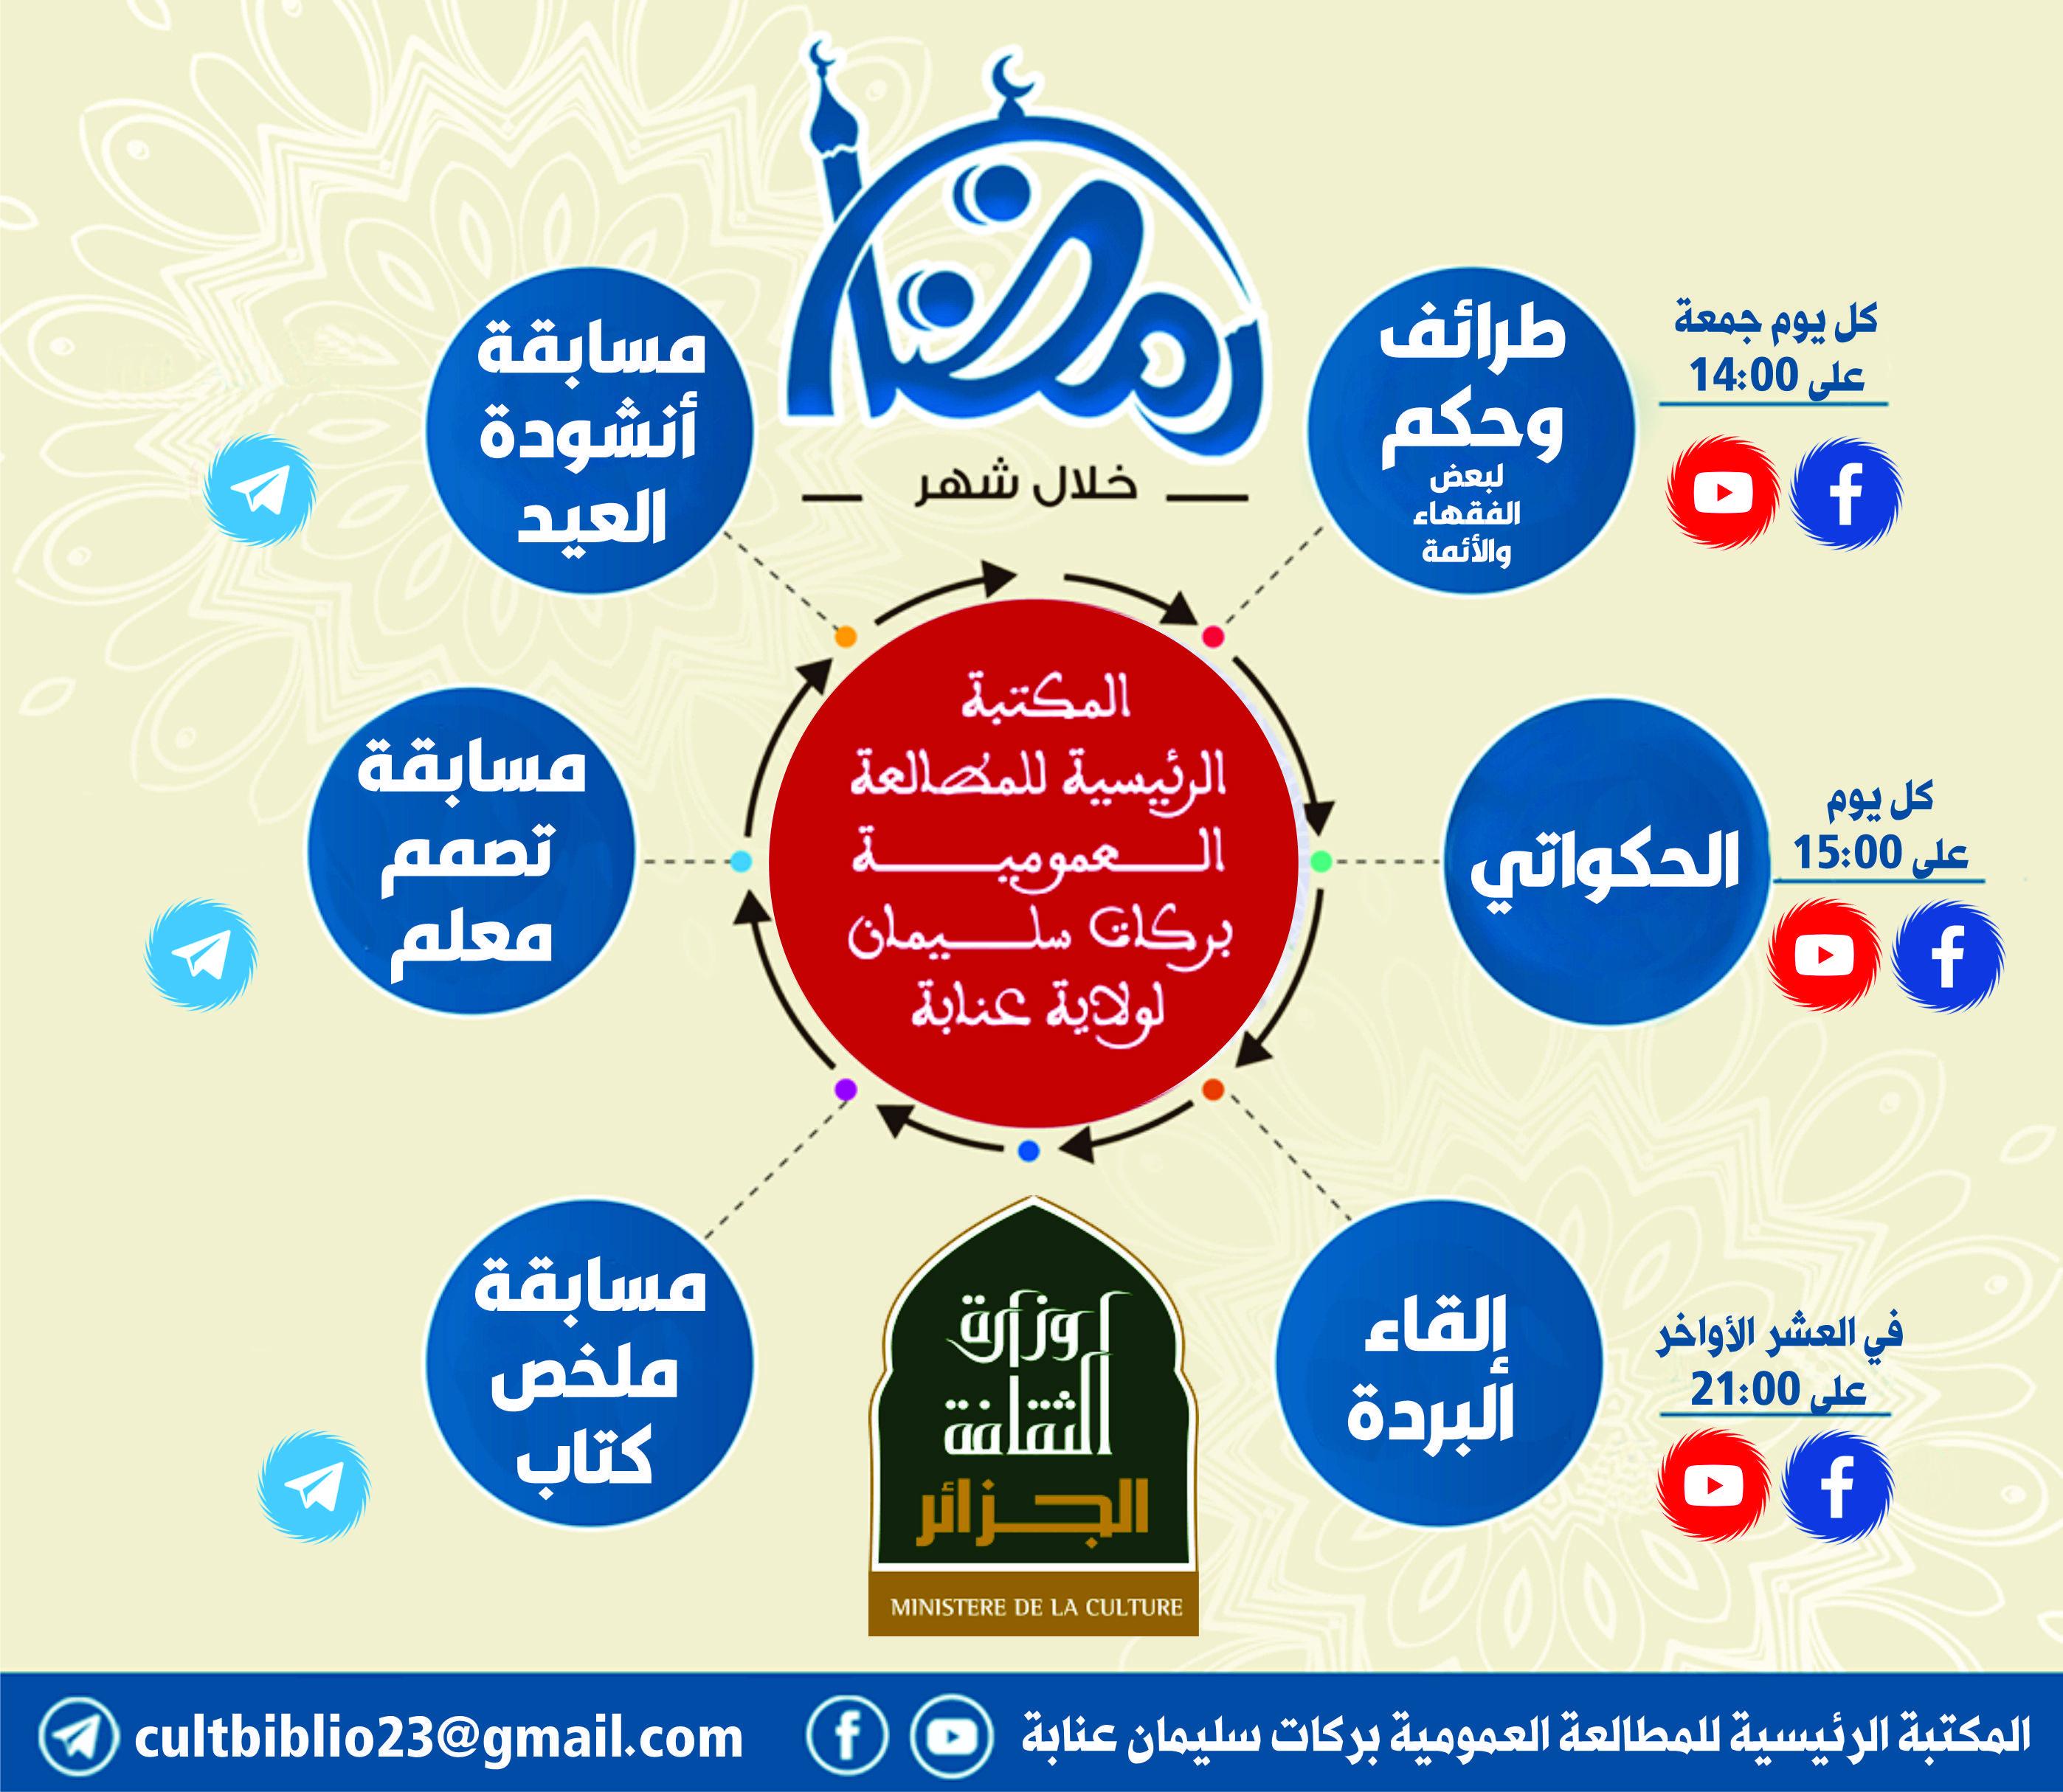 برنامج شهر رمضان الكريم  - المكتبة الرئيسية للمطالعة العمومية بركات سليمان